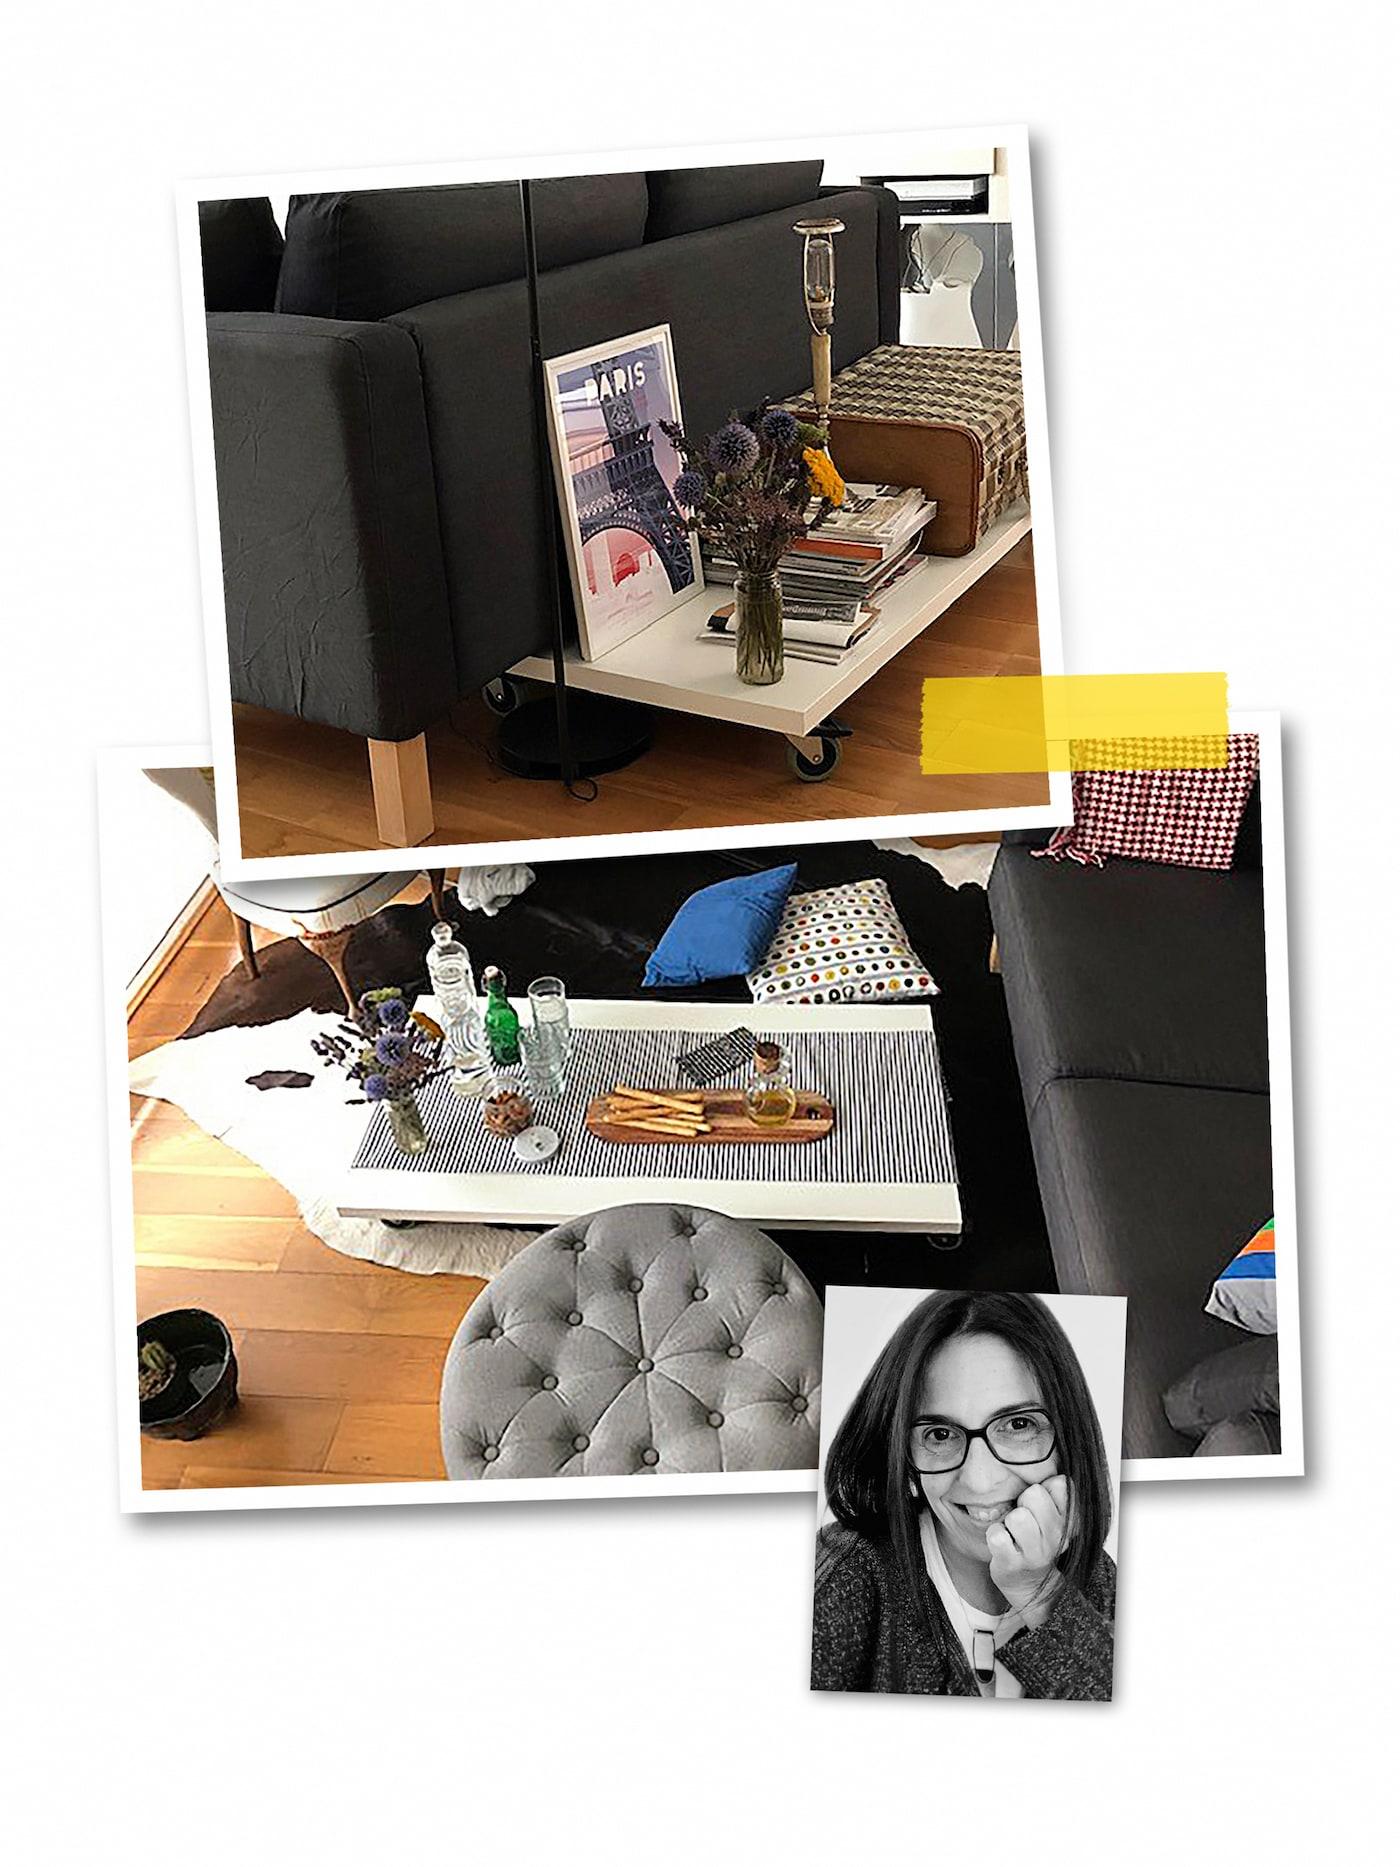 三幅照片组成的拼图:一张由白色LINNMON 利蒙 桌面和RILL 瑞尔 脚轮组合而成的茶几,以及一位宜家员工的人像写真。